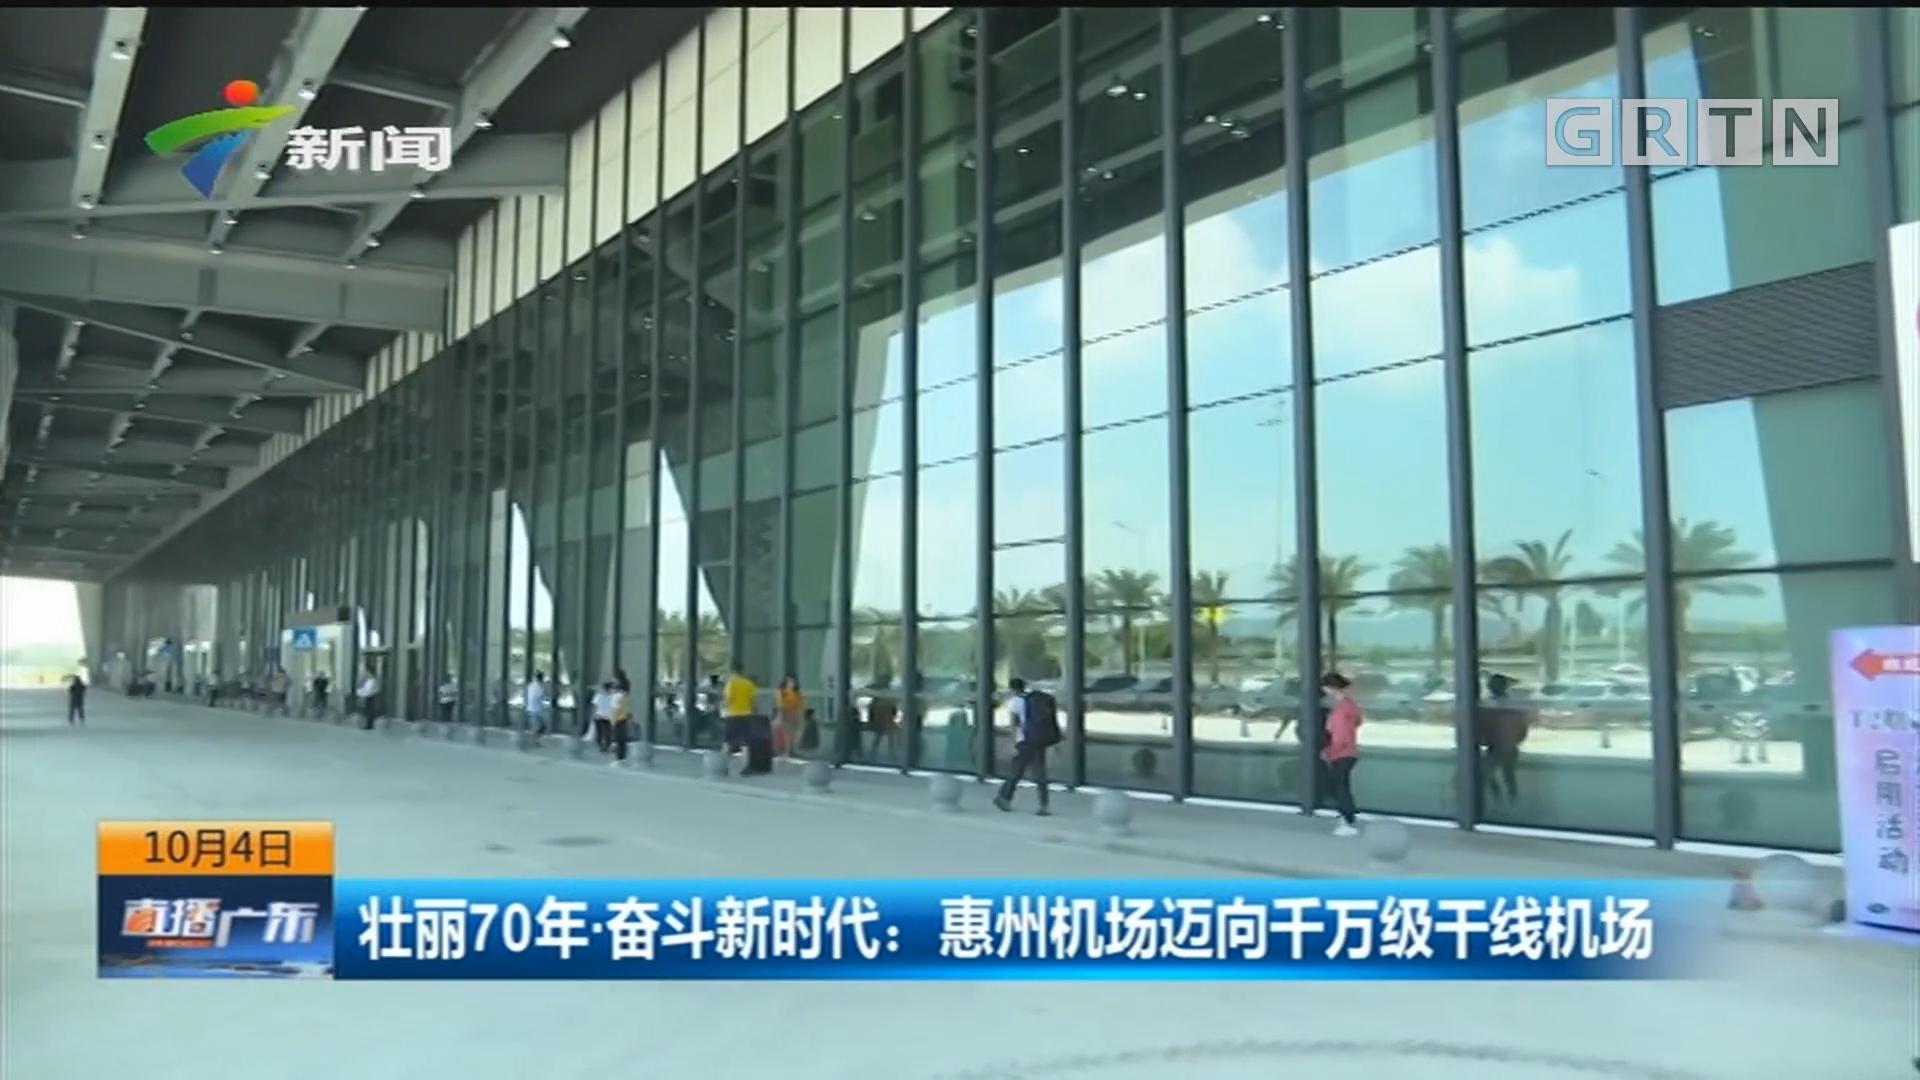 壮丽70年·奋斗新时代:惠州机场迈向千万级干线机场